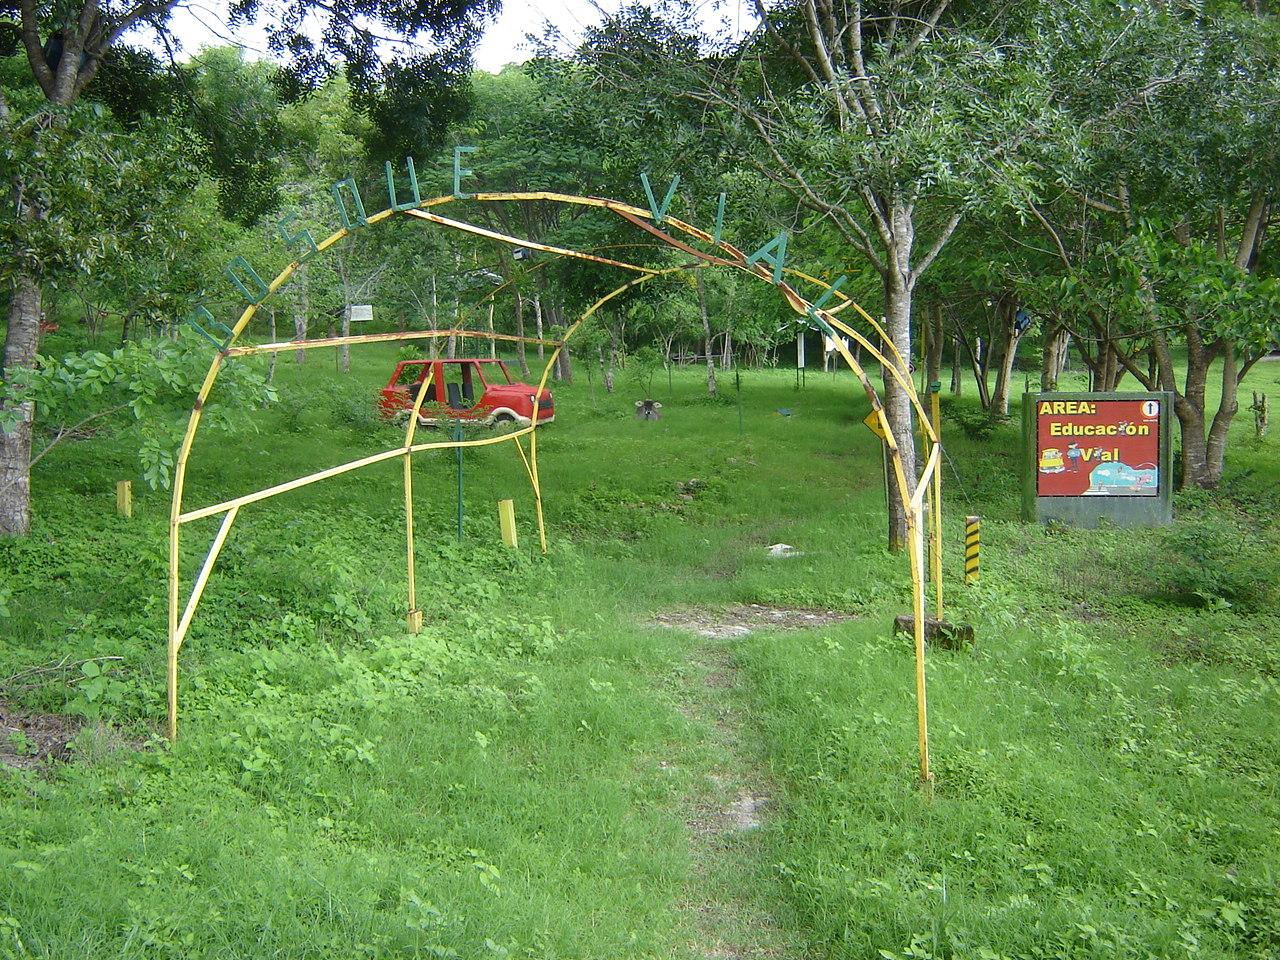 Estelimar's vial education forest